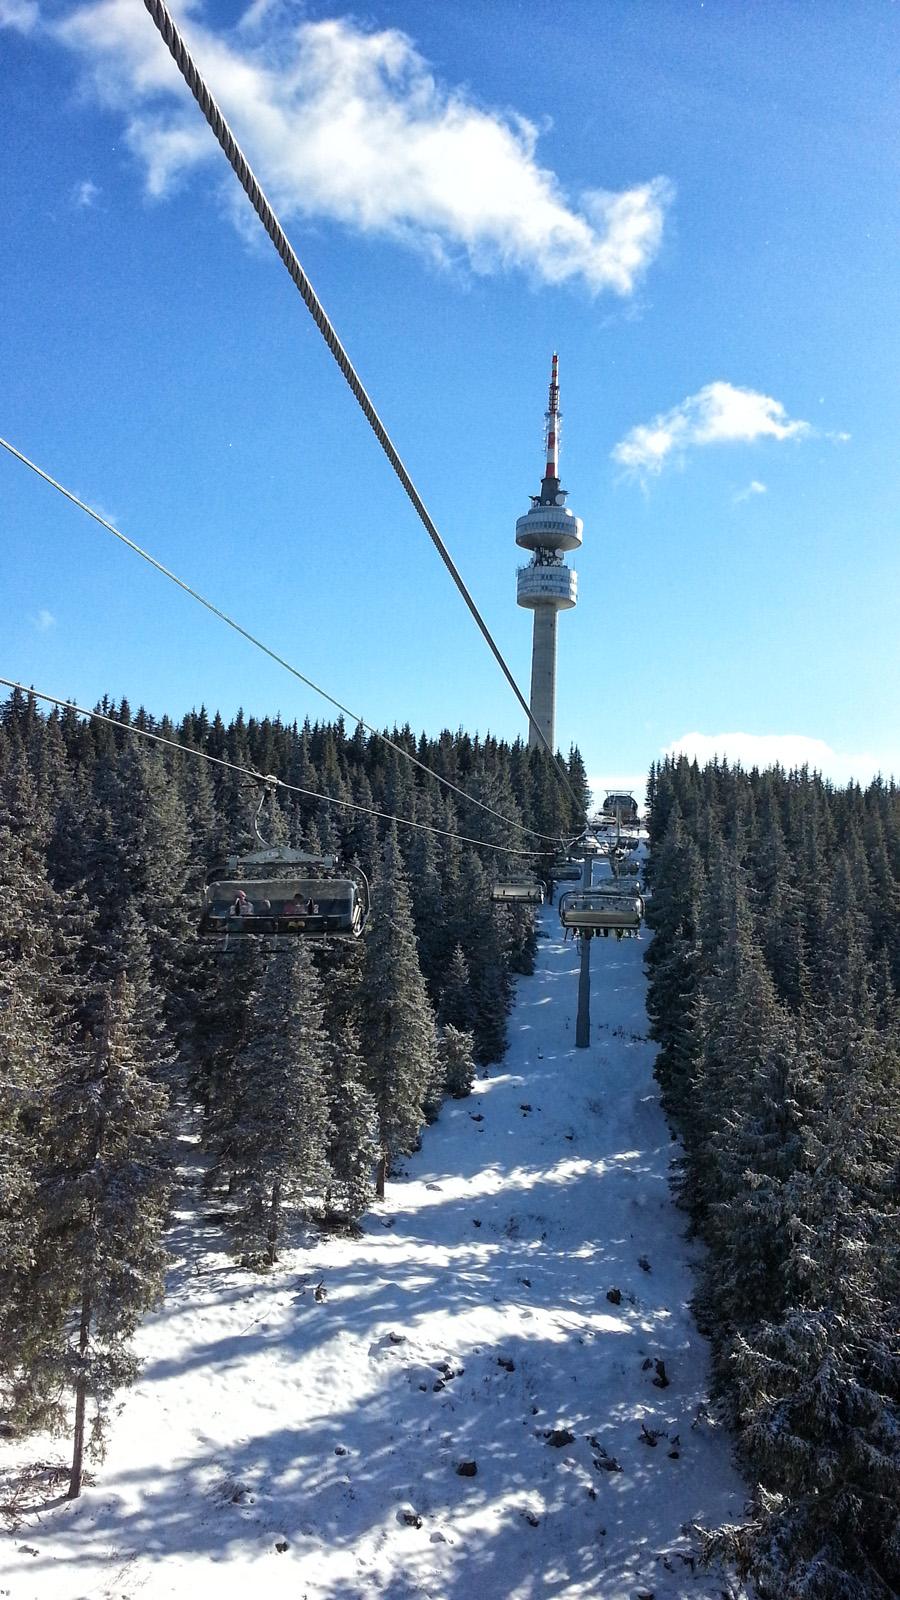 Тв кулата на откриването на сезон 2014 от лифта на Стойките